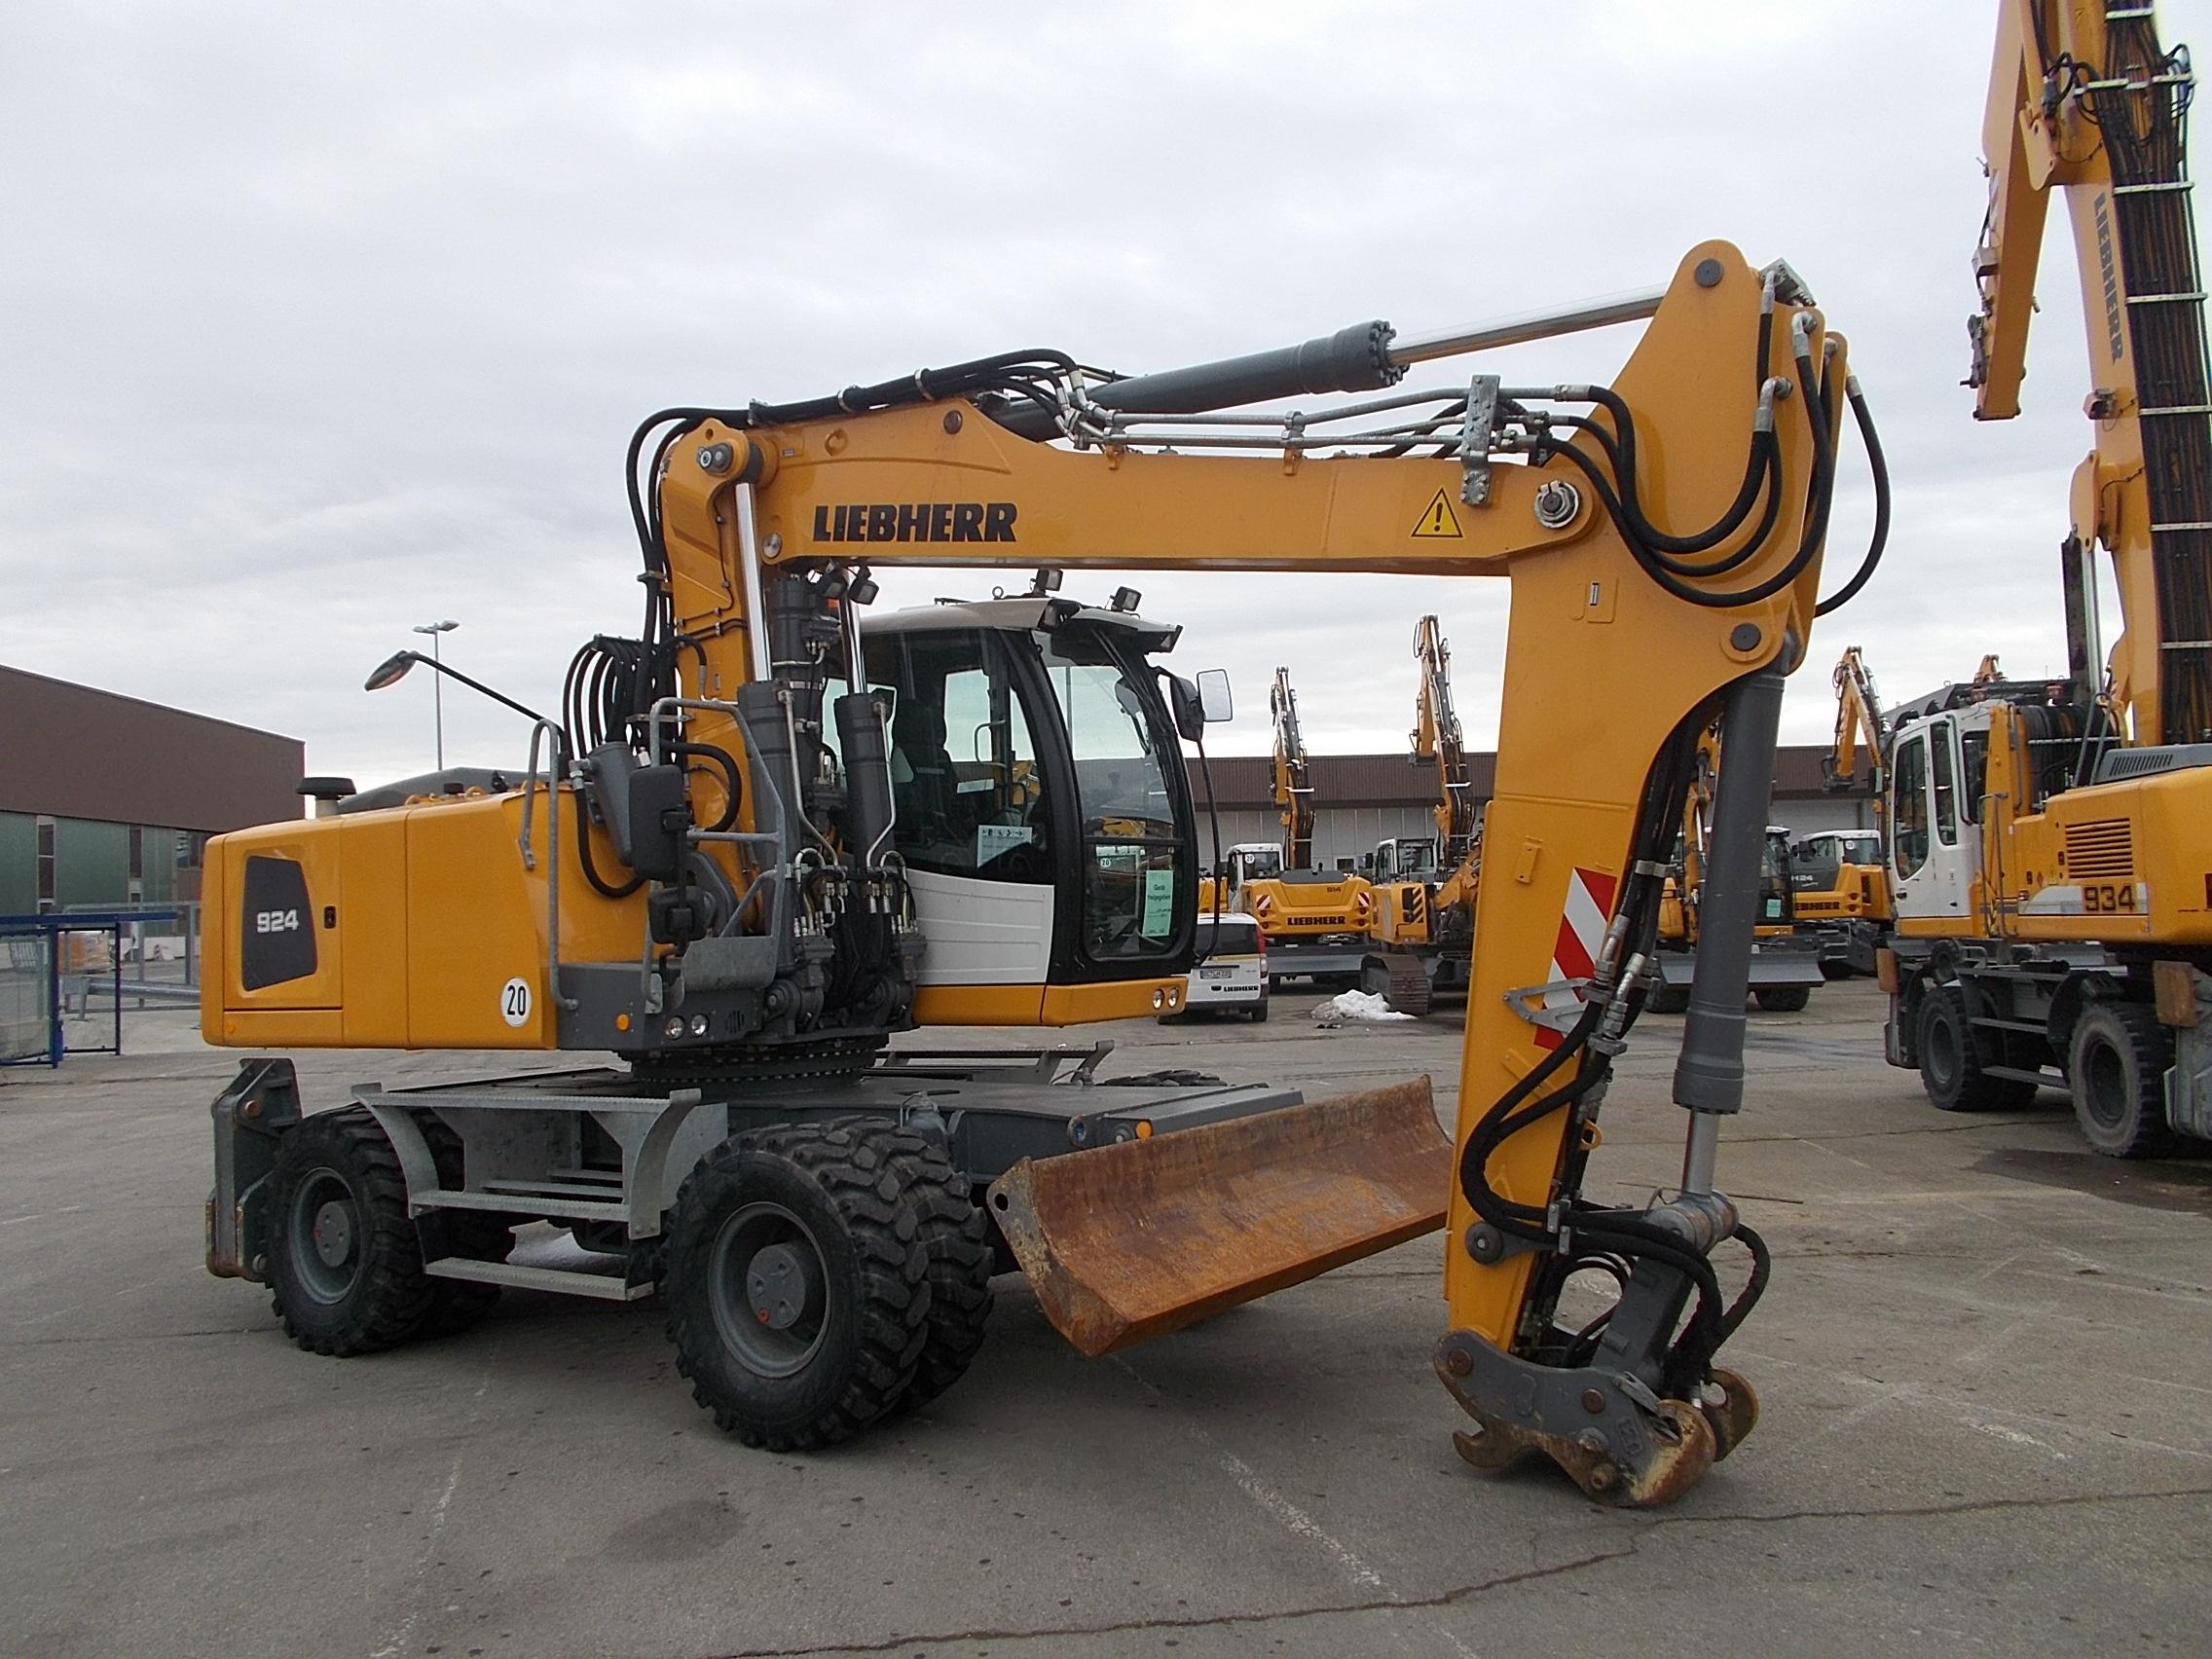 A 924 EW LI- 1180-73114_004.JPG